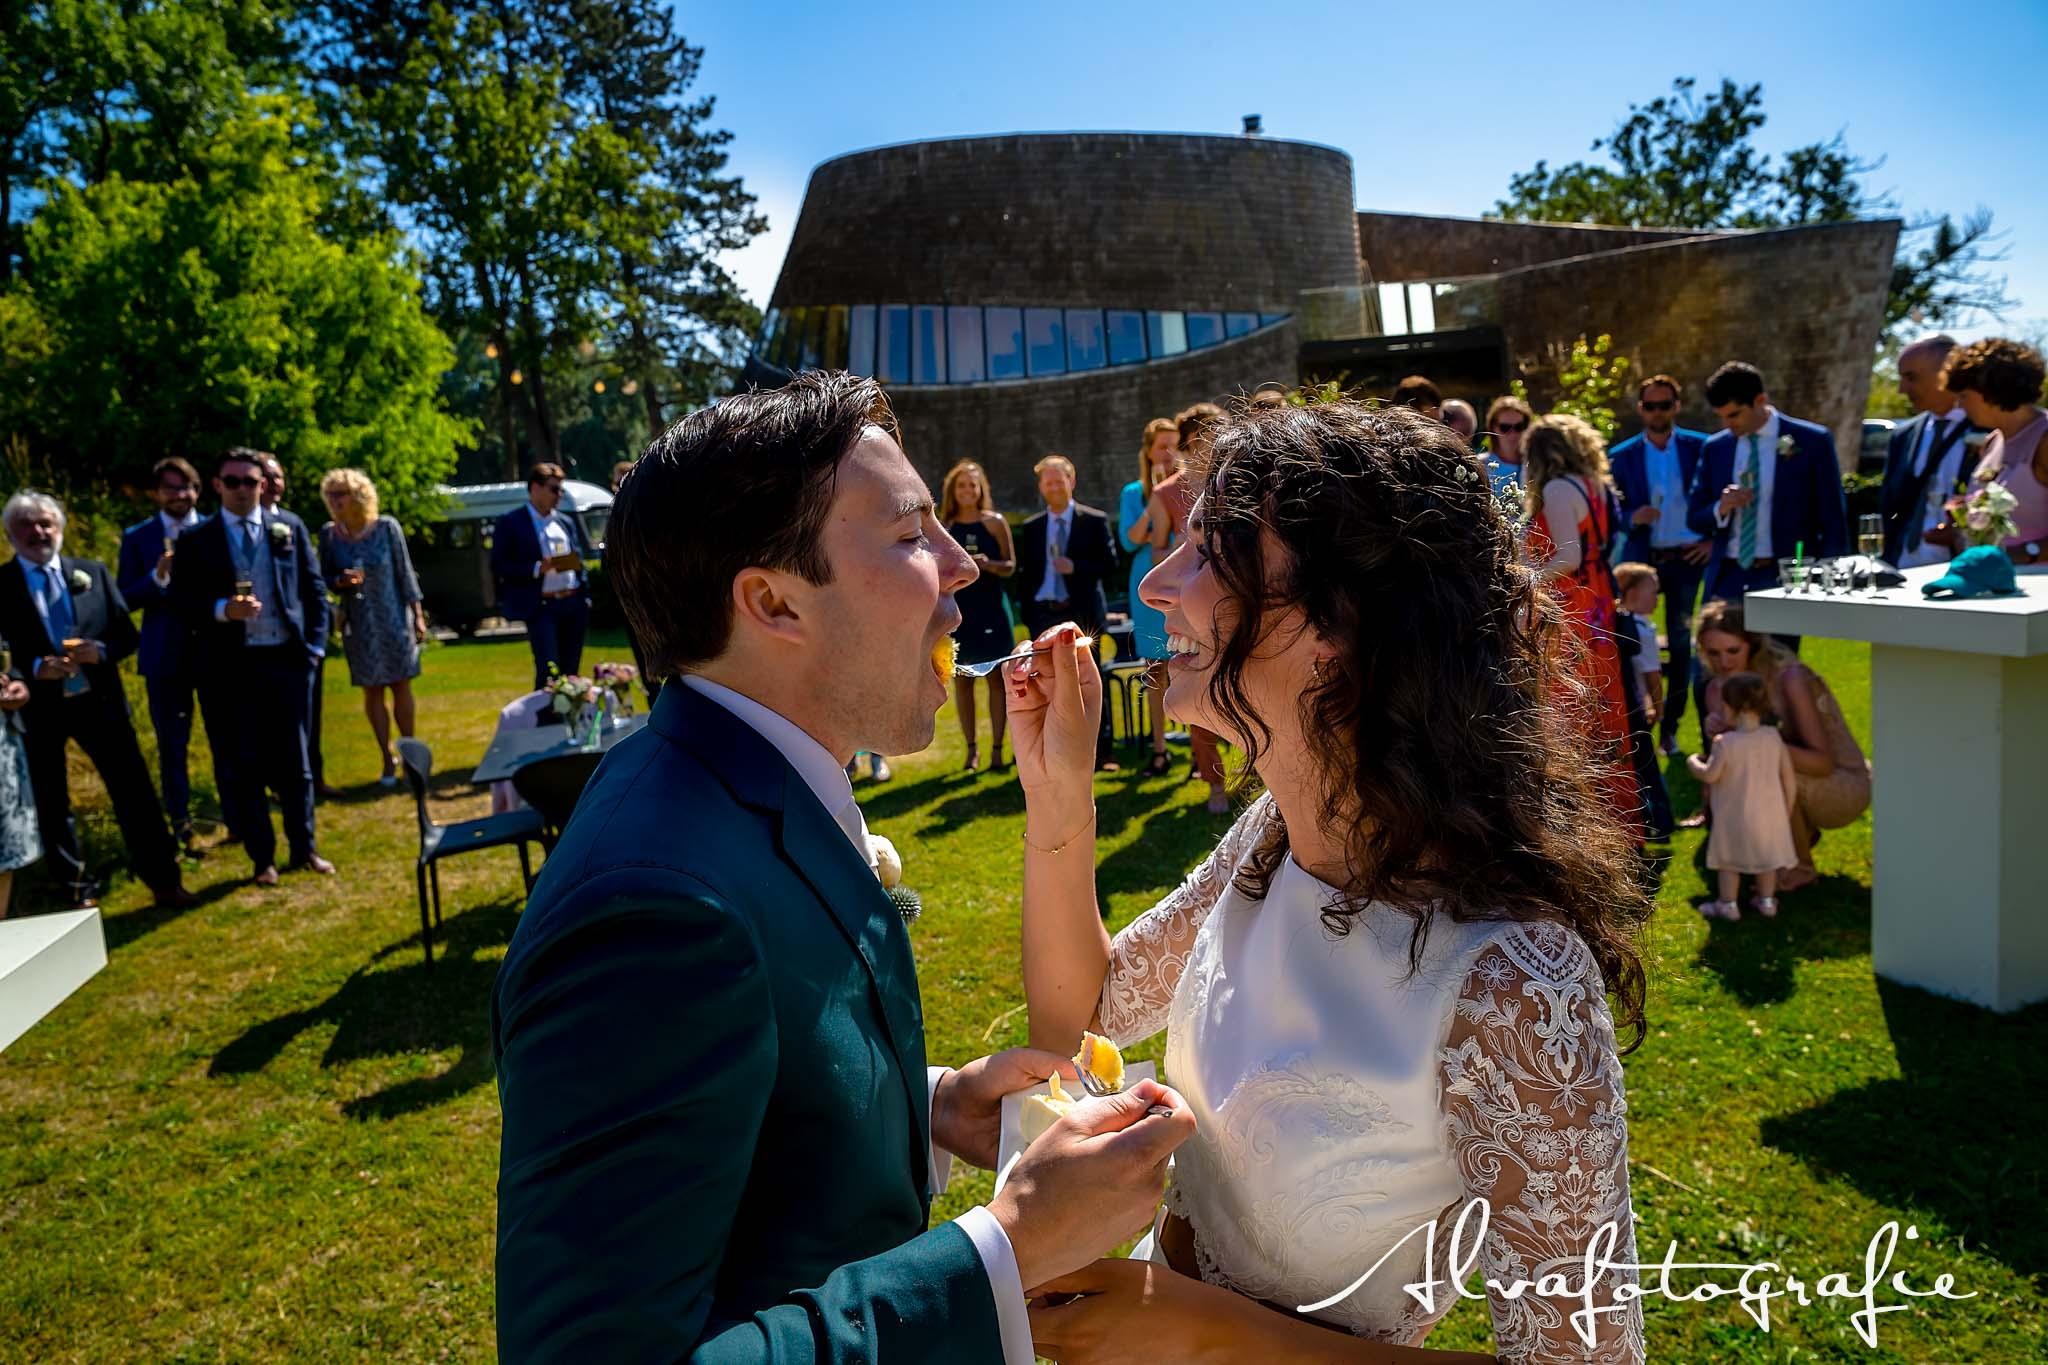 Bruiloft Maren en Tim Alvafotografie bruid voert bruidegom taart